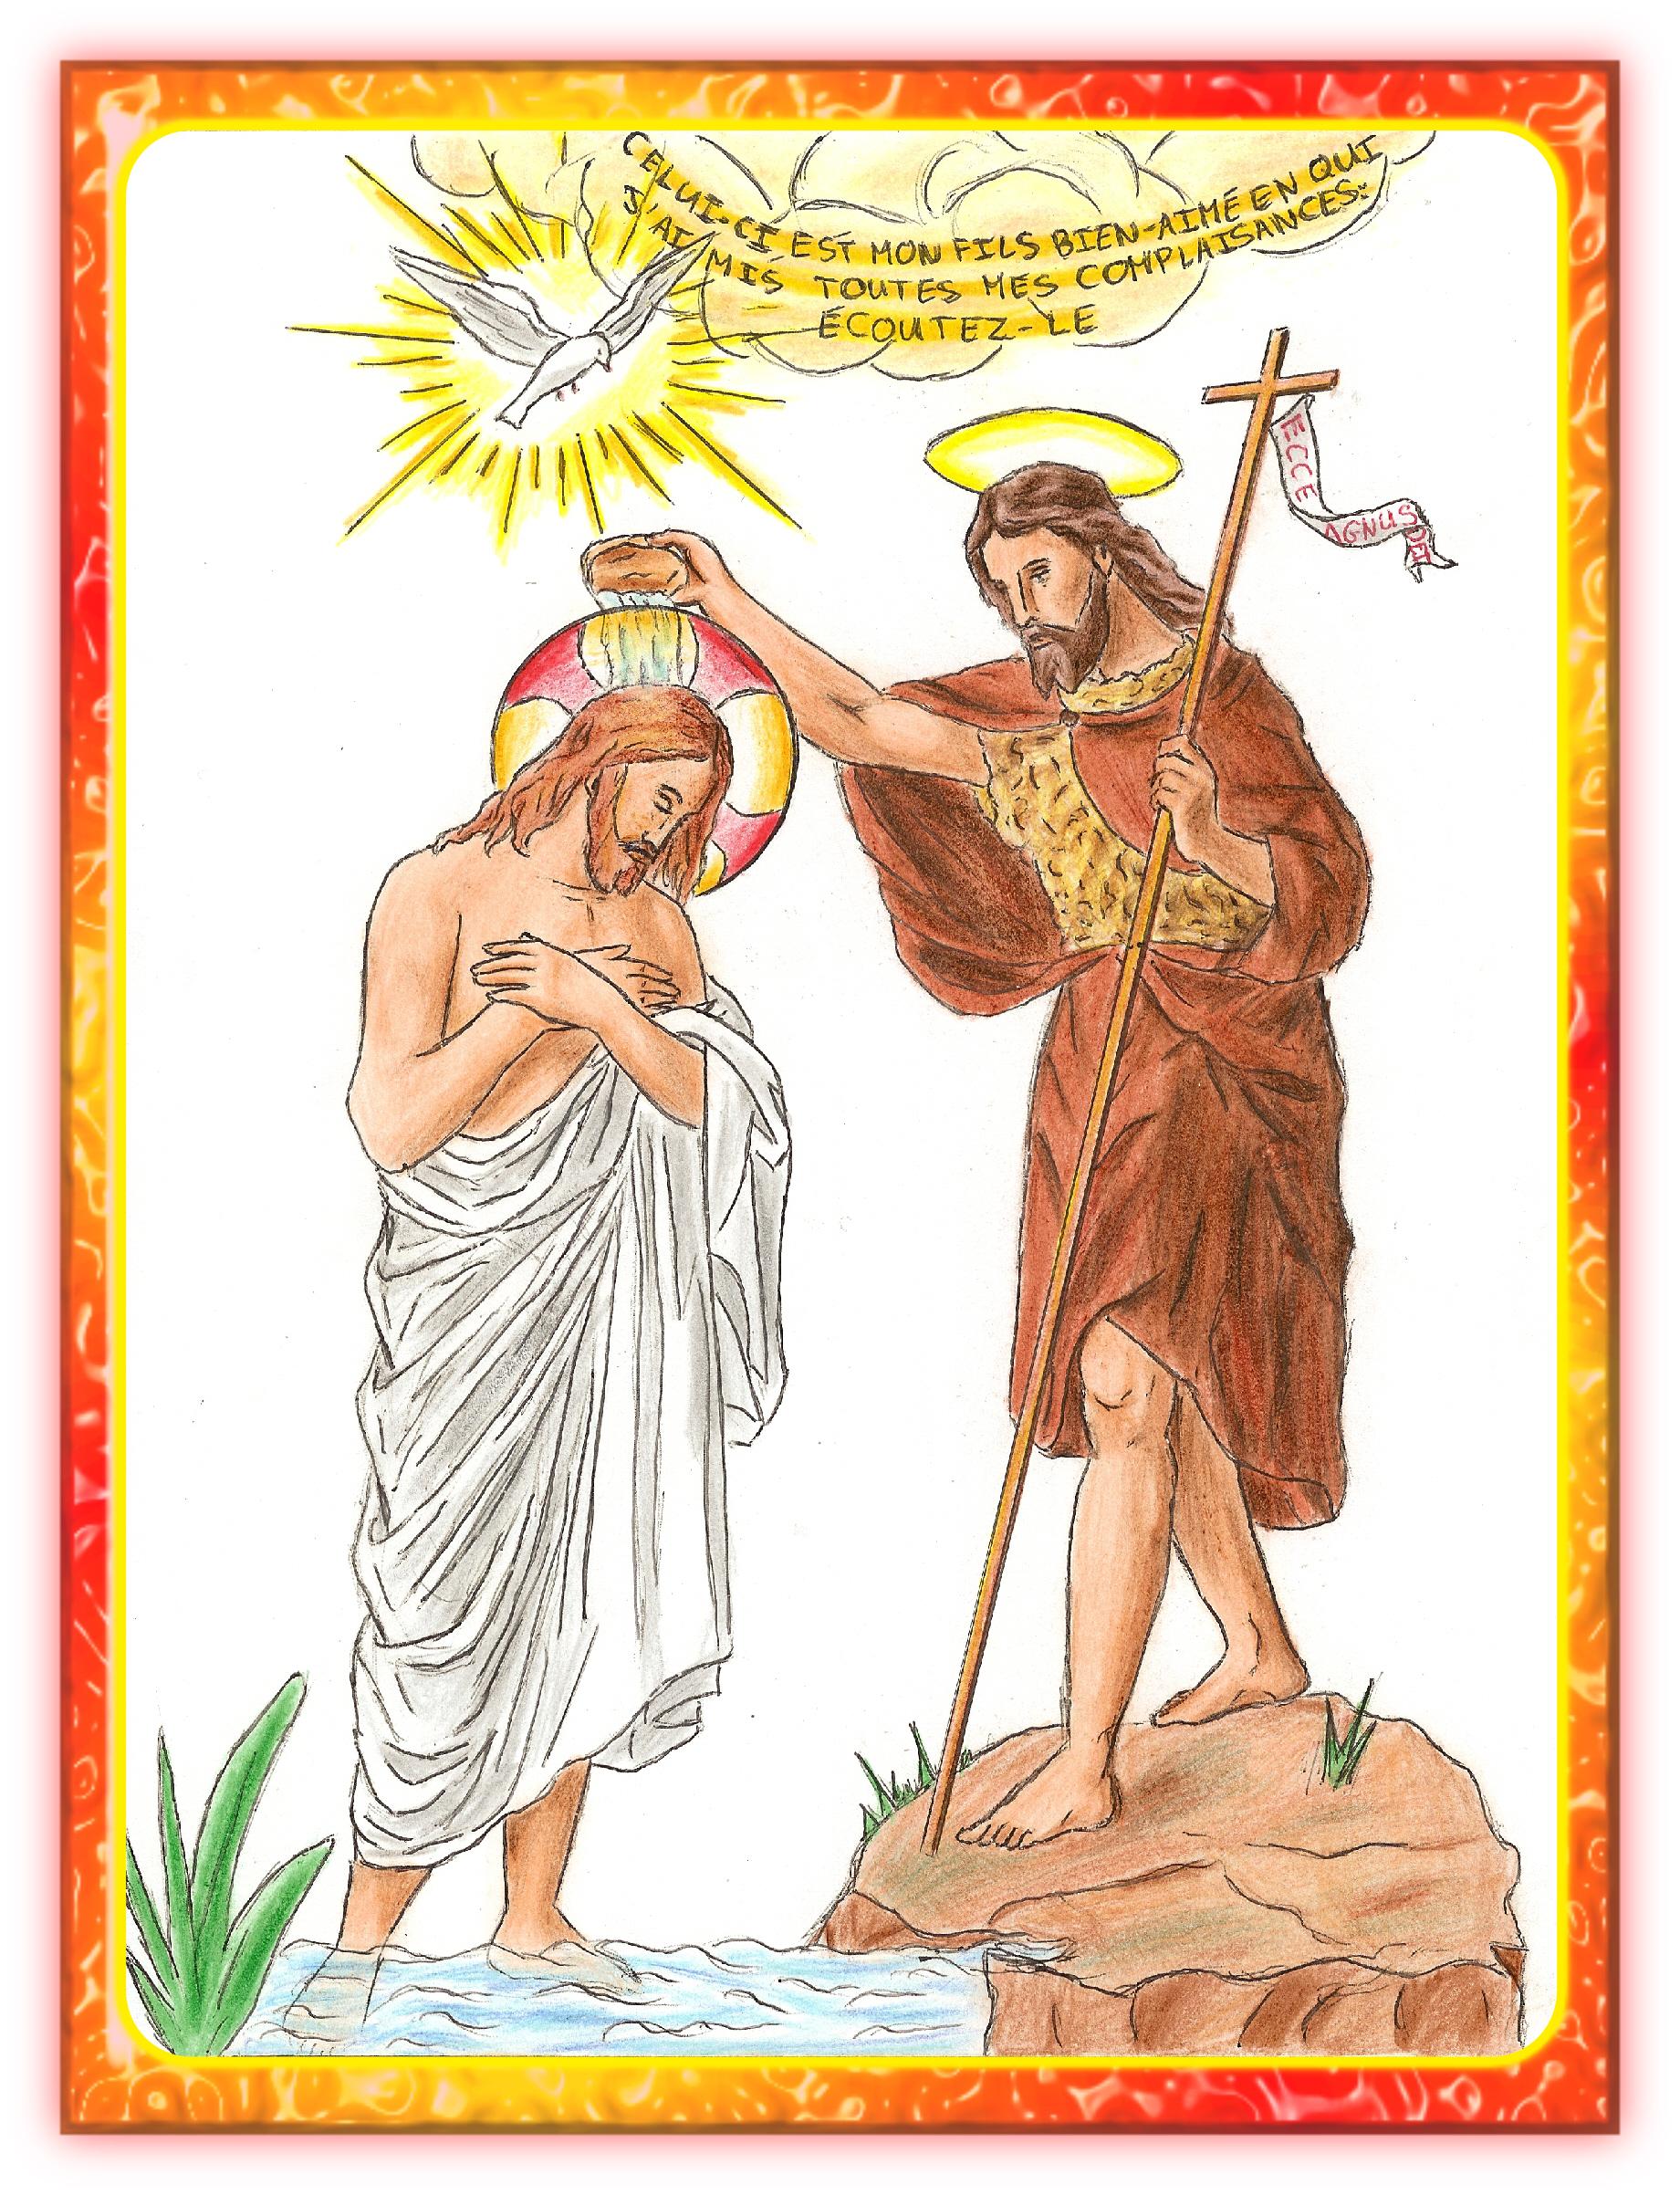 CALENDRIER CATHOLIQUE 2020 (Cantiques, Prières & Images) - Page 2 Le-bapt-me-de-notre-seigneur-56f2d10